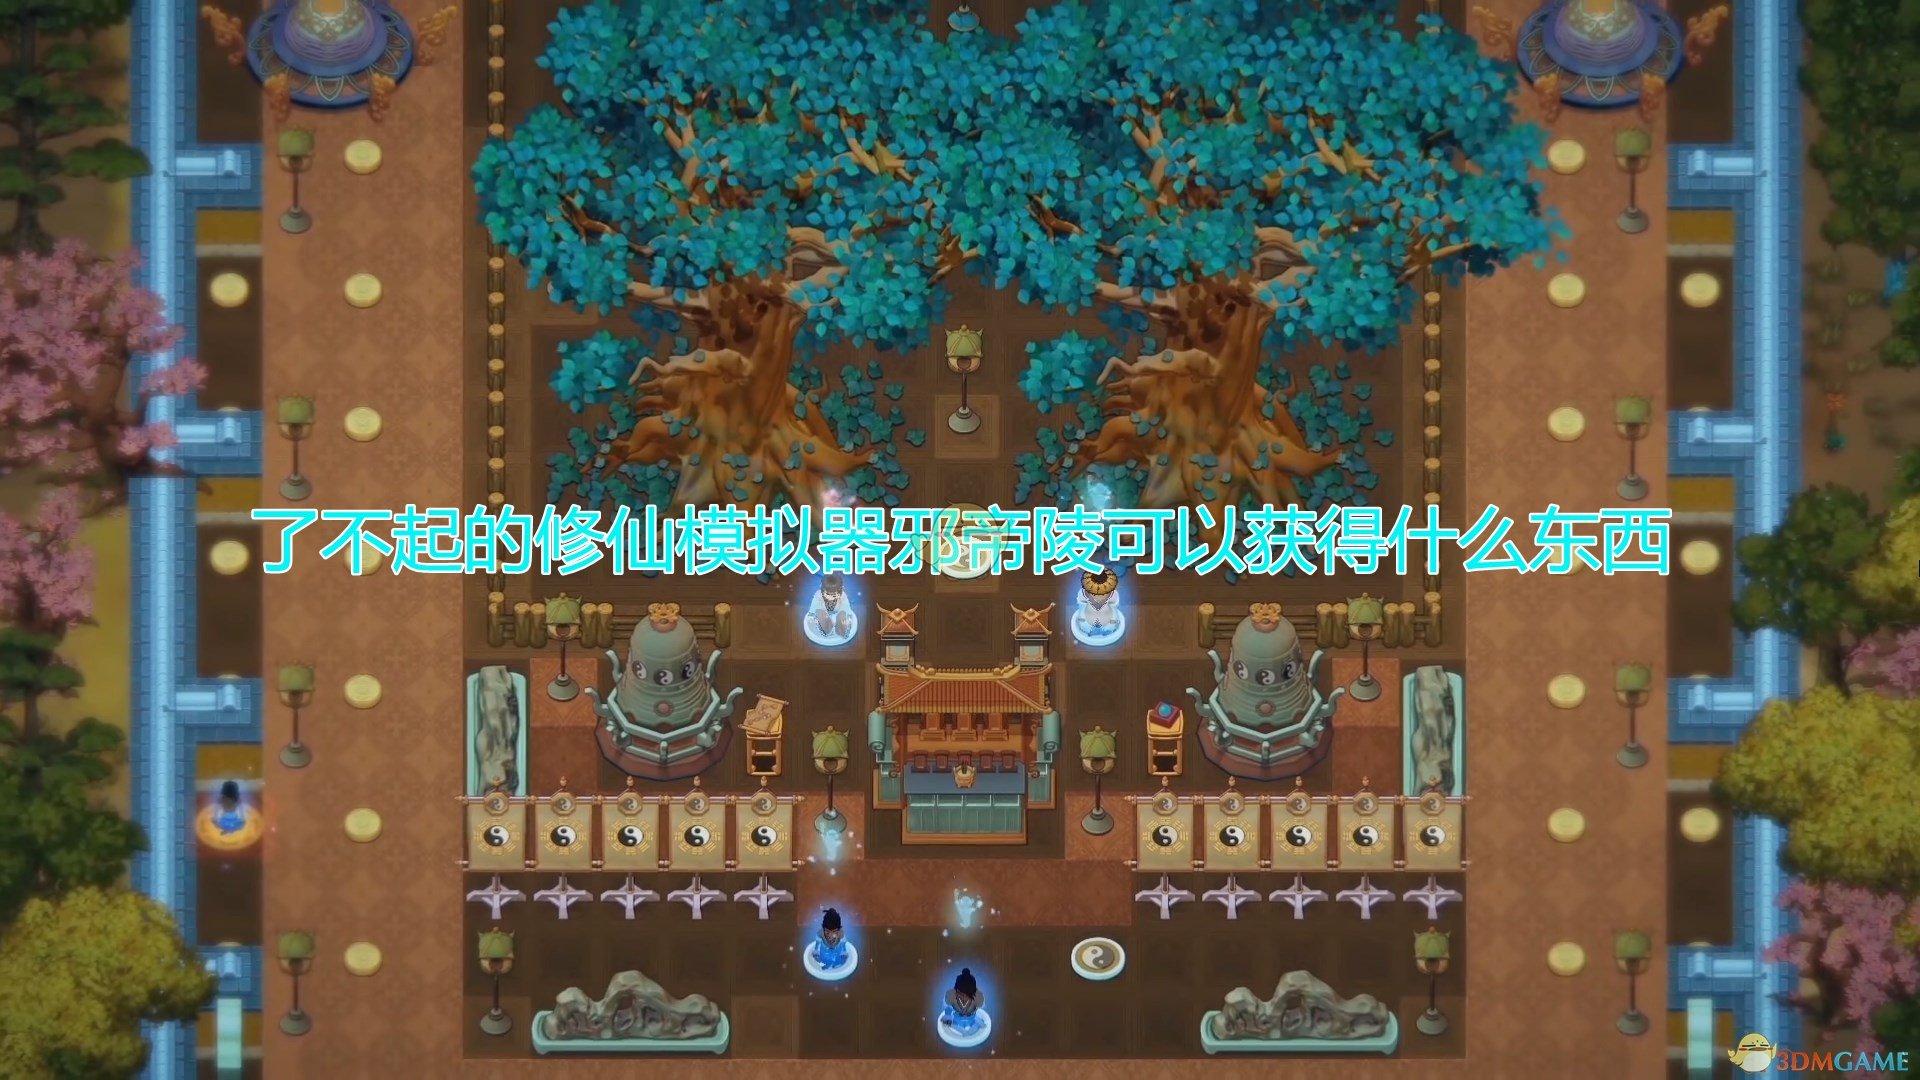 《了不起的修仙模拟器》岳泽陵可以接受道具及获取方法介绍